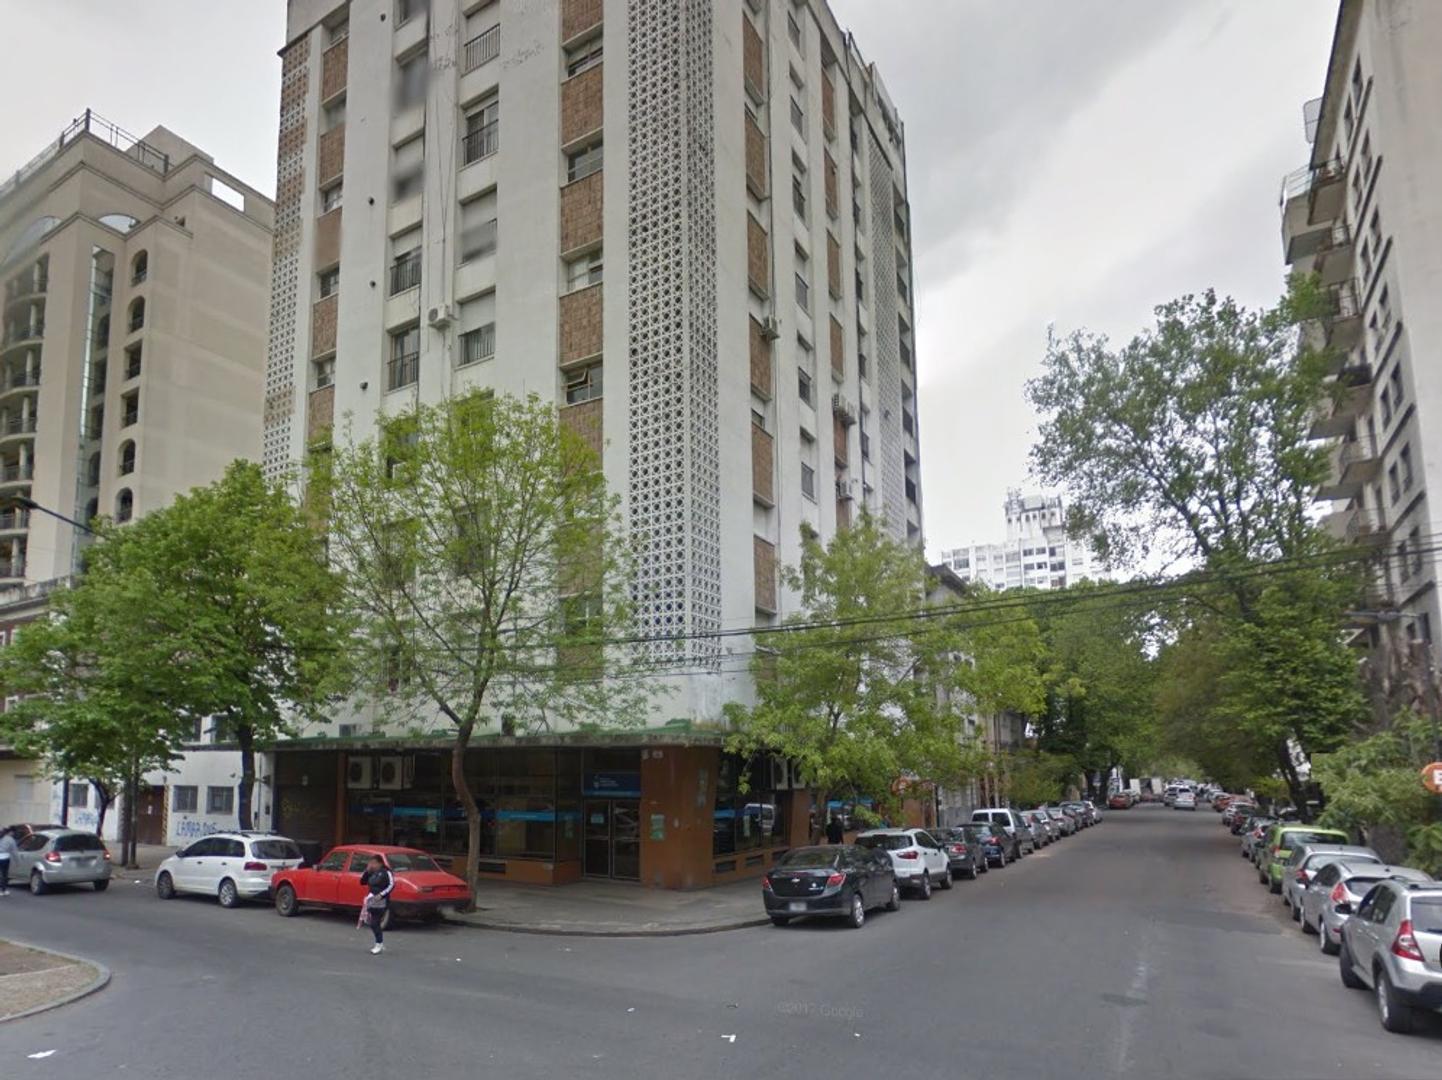 Departamento en Alquiler La Plata Calle 53 esq 5 Dacal Bienes Raices